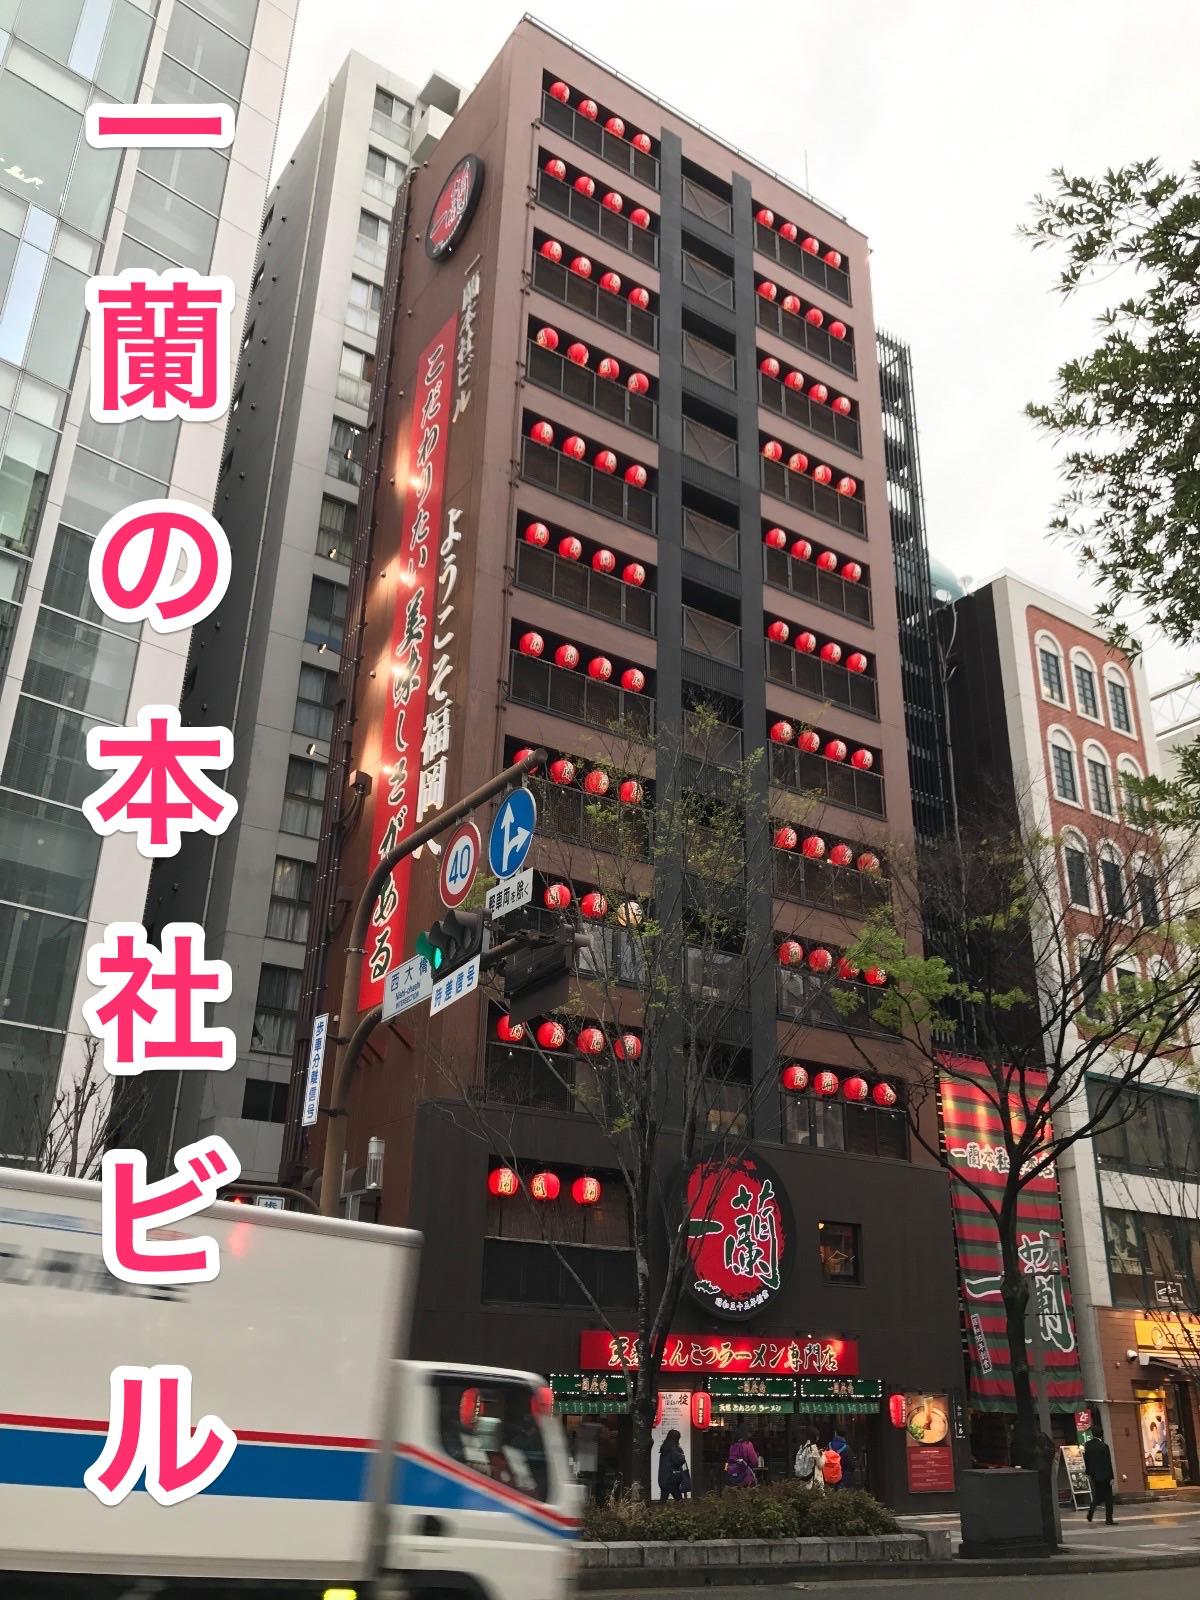 【変わり種・一蘭】一蘭の本社ビルと福岡空港の一蘭と